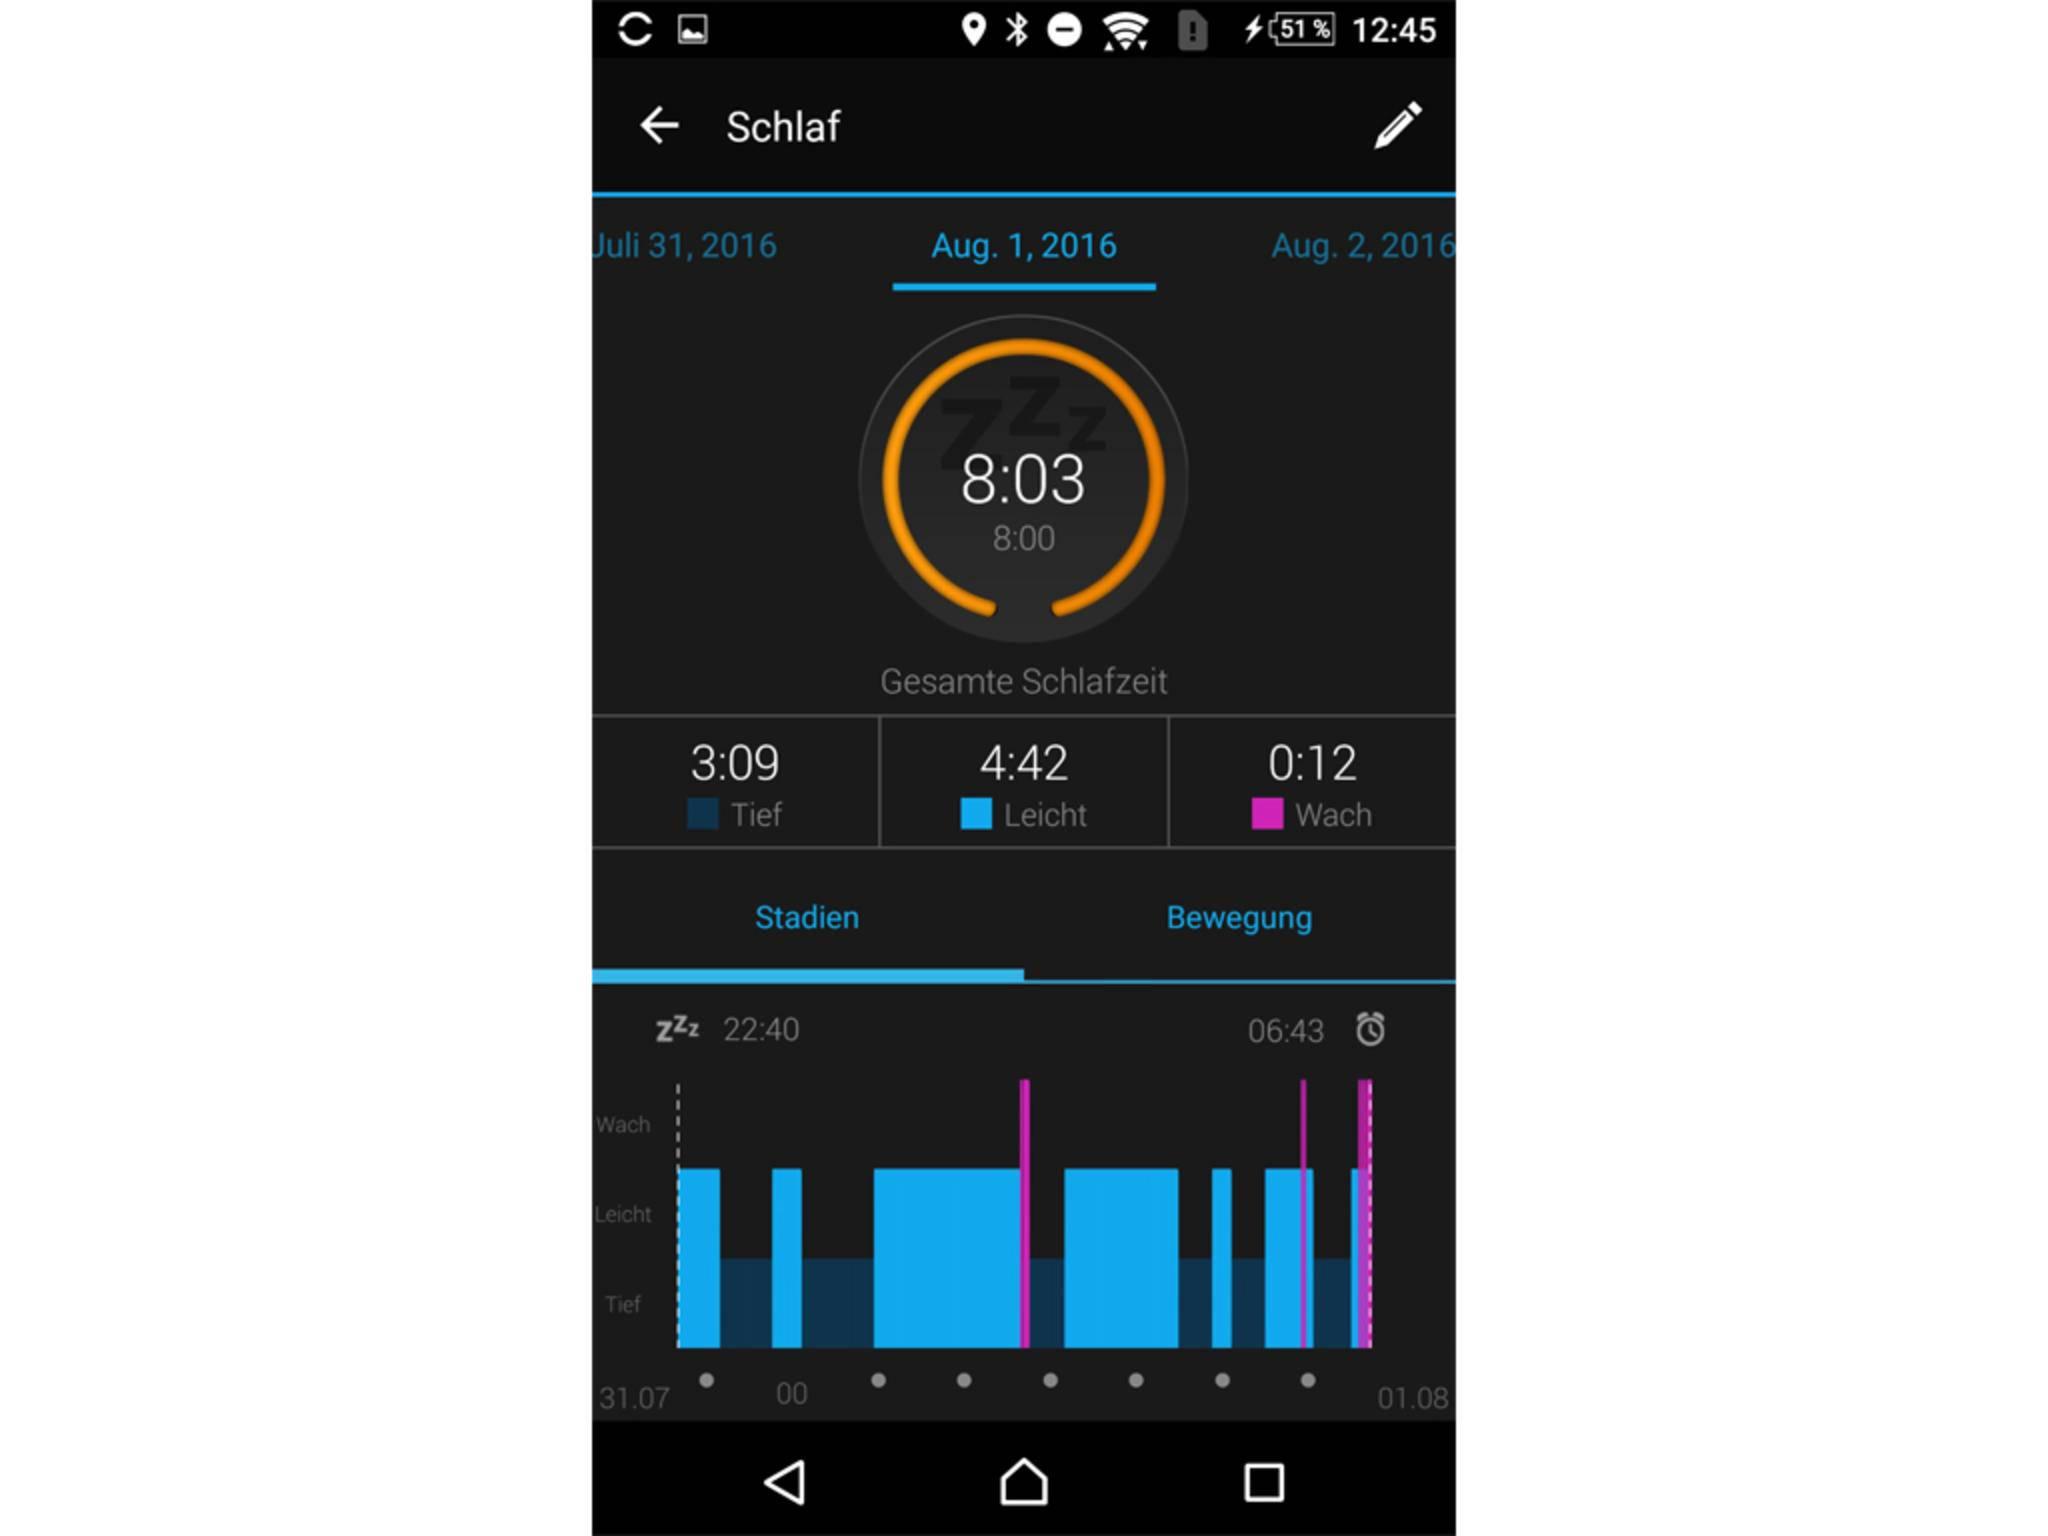 Garmin Connect Mobile App 9